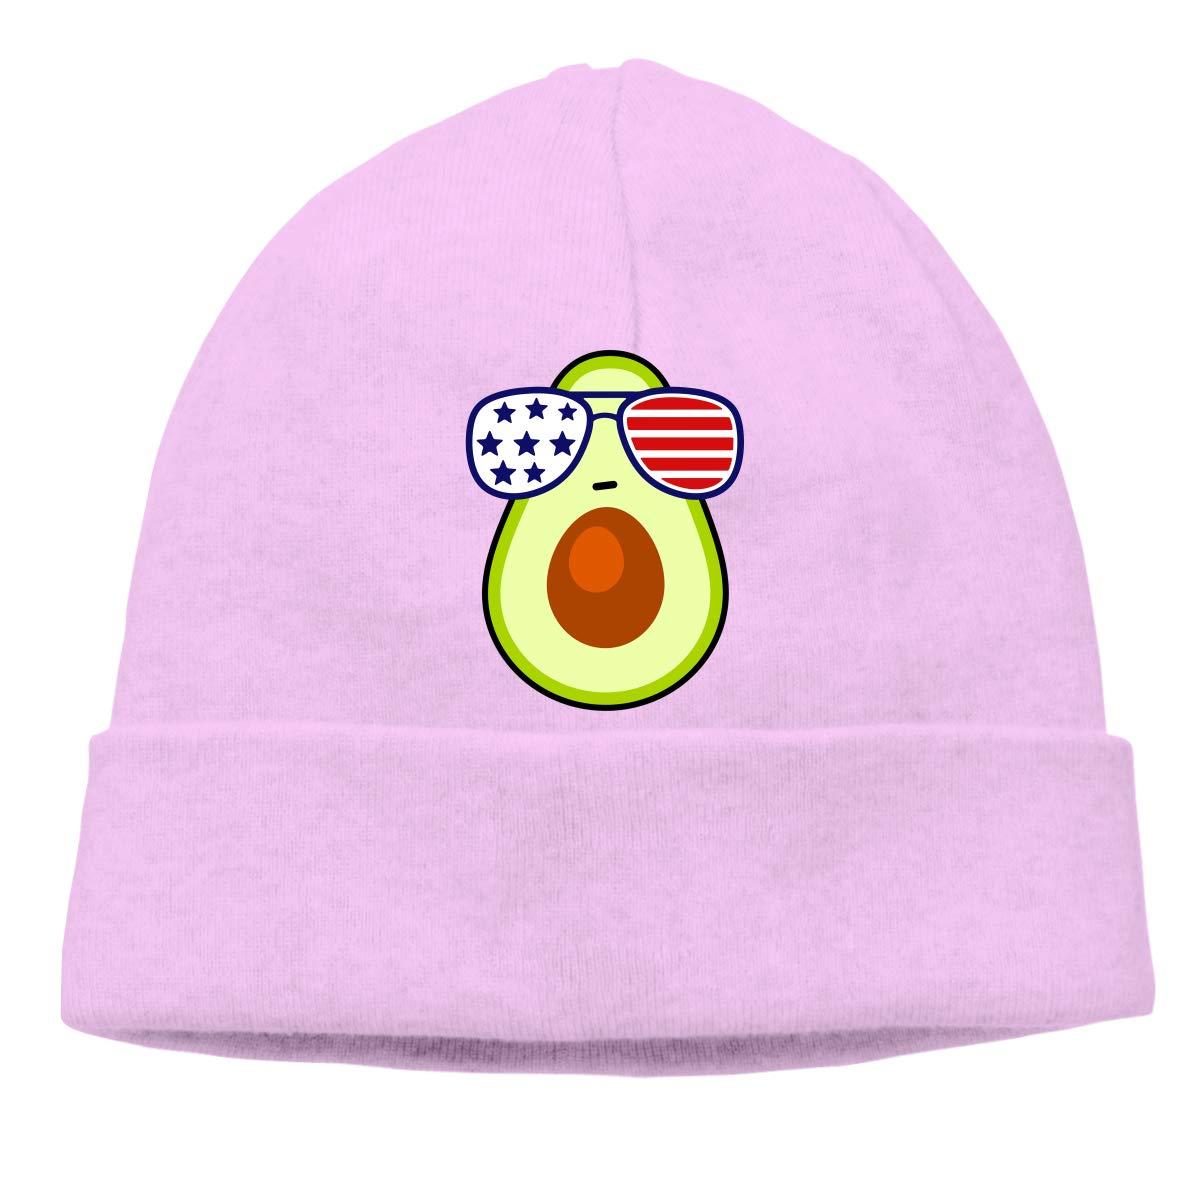 Beanie Hat America Flag Glasses Avocado Warm Skull Caps for Men and Women